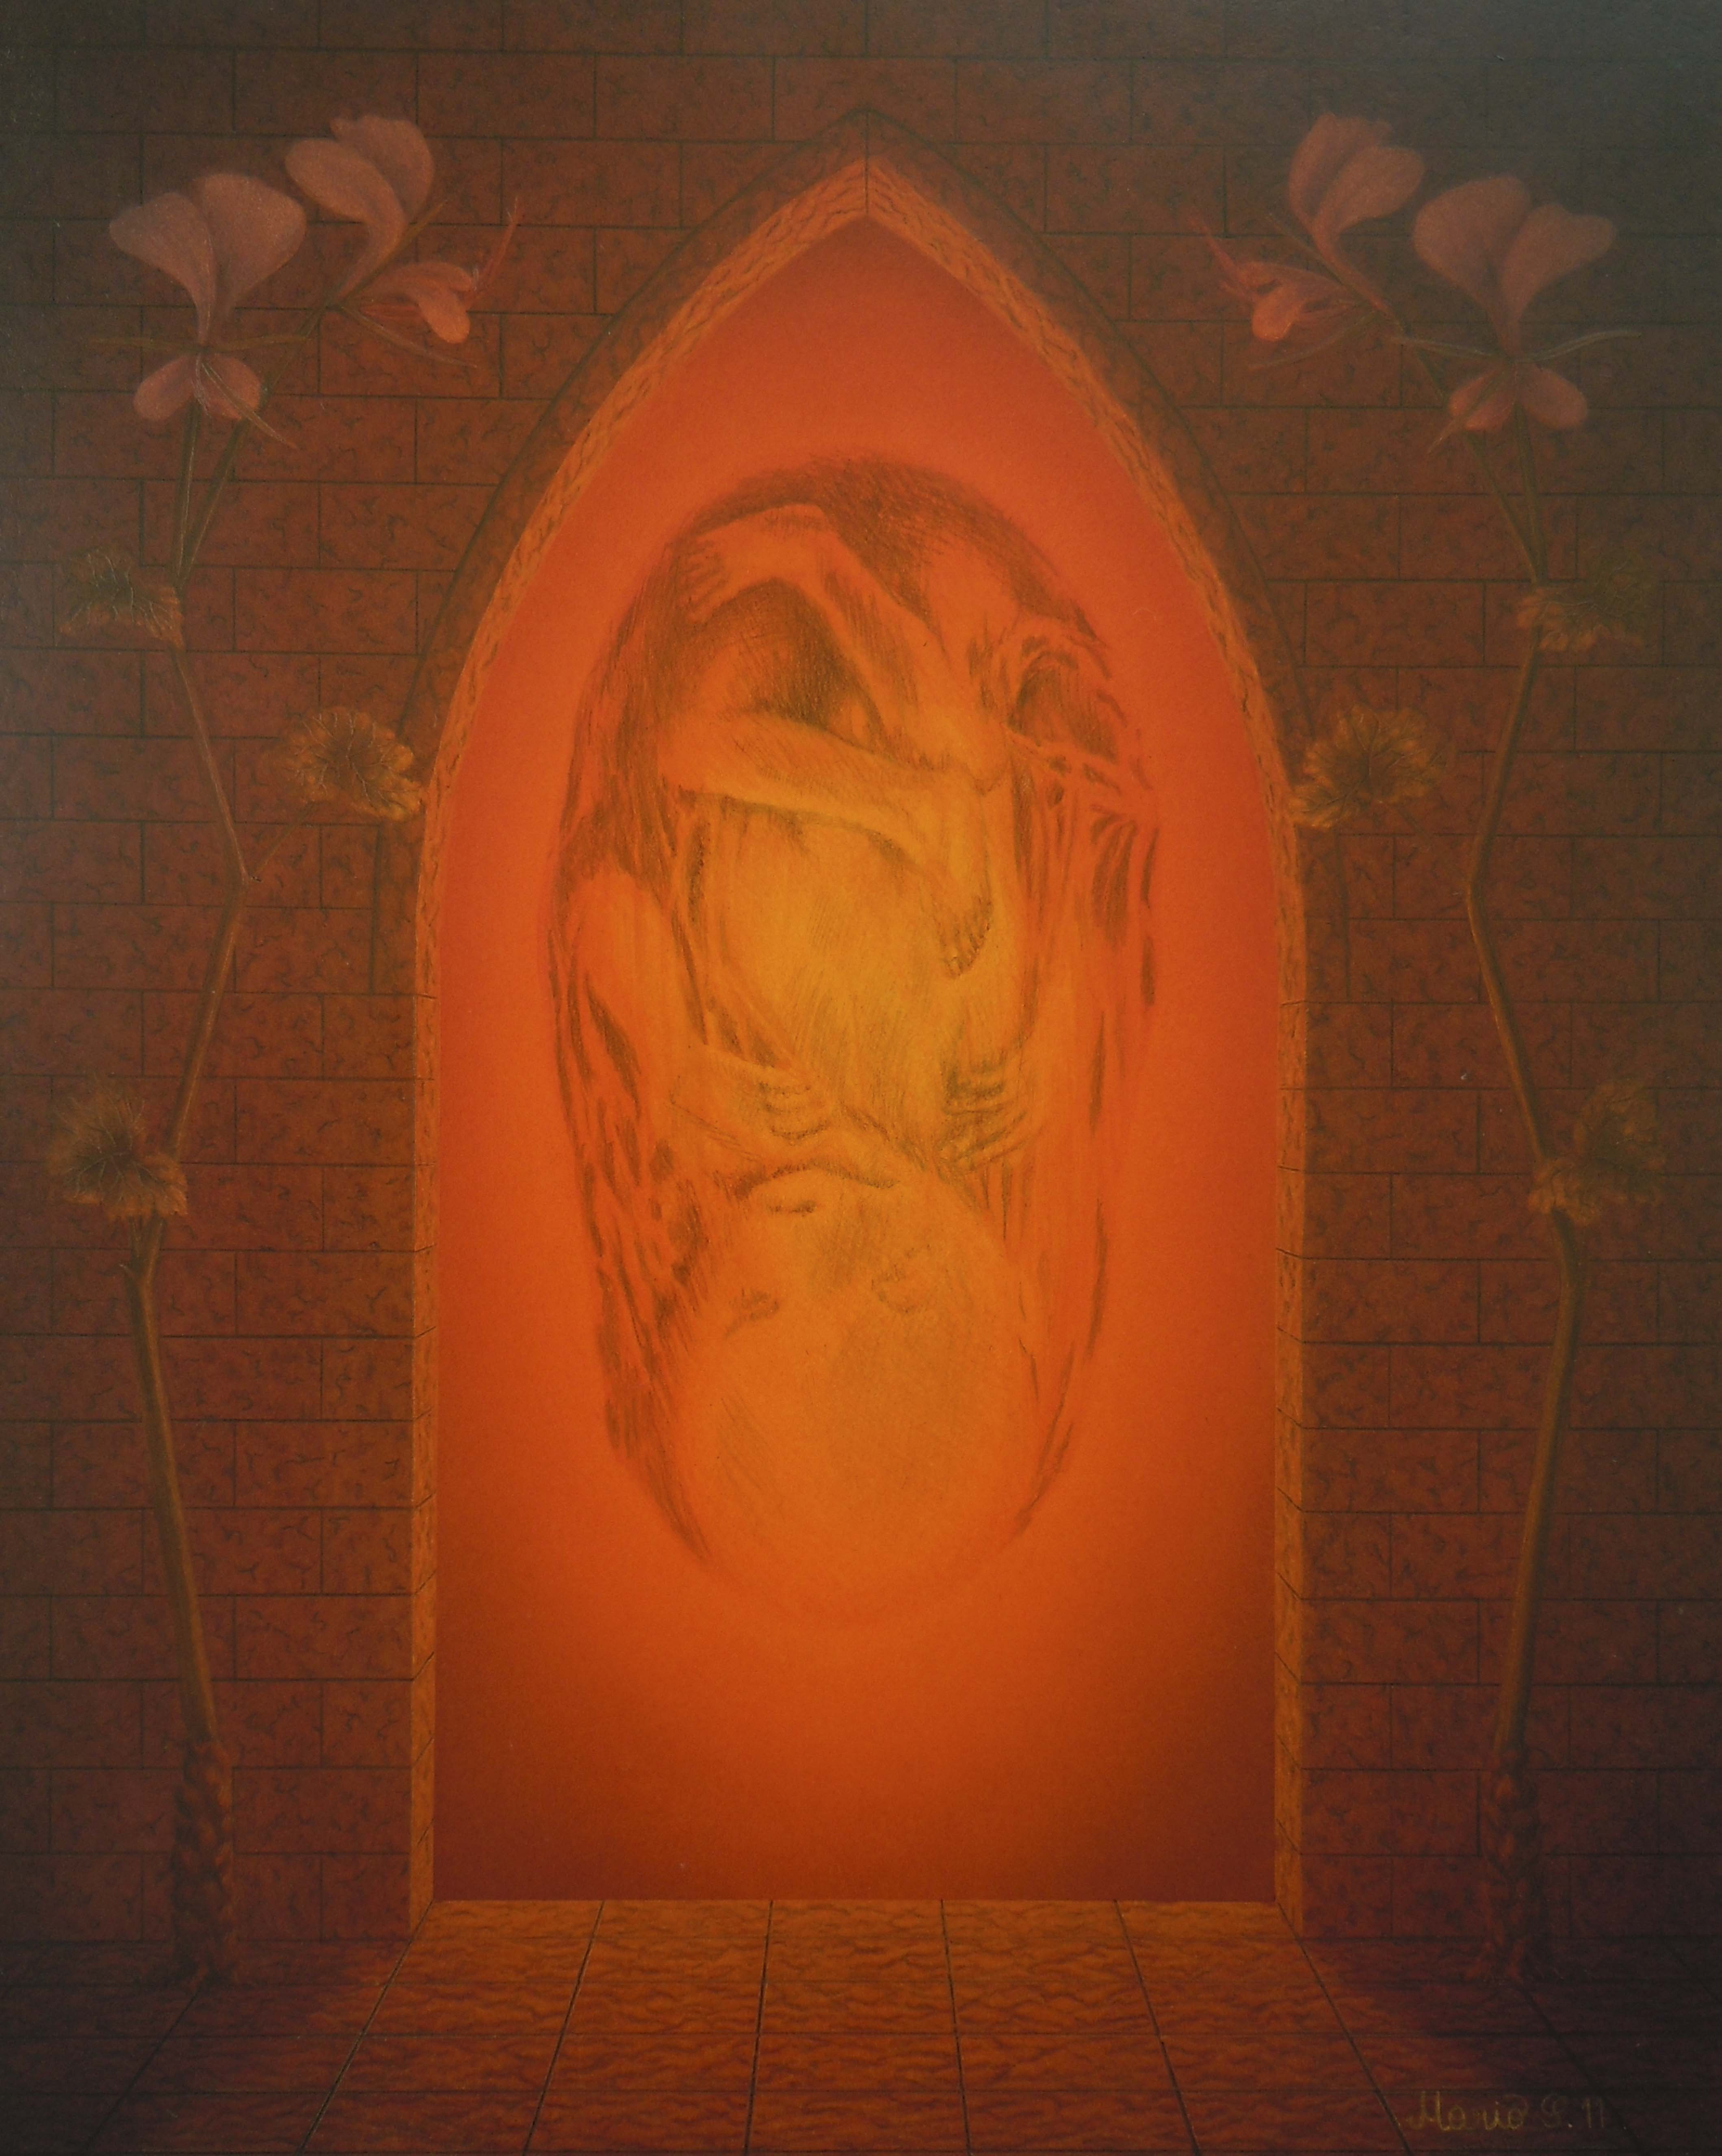 Glühend_Mario SCHLEINZER (25cmx20cm)Farbstift,Acryl,Harzölfarbe auf Hartfaserplatte